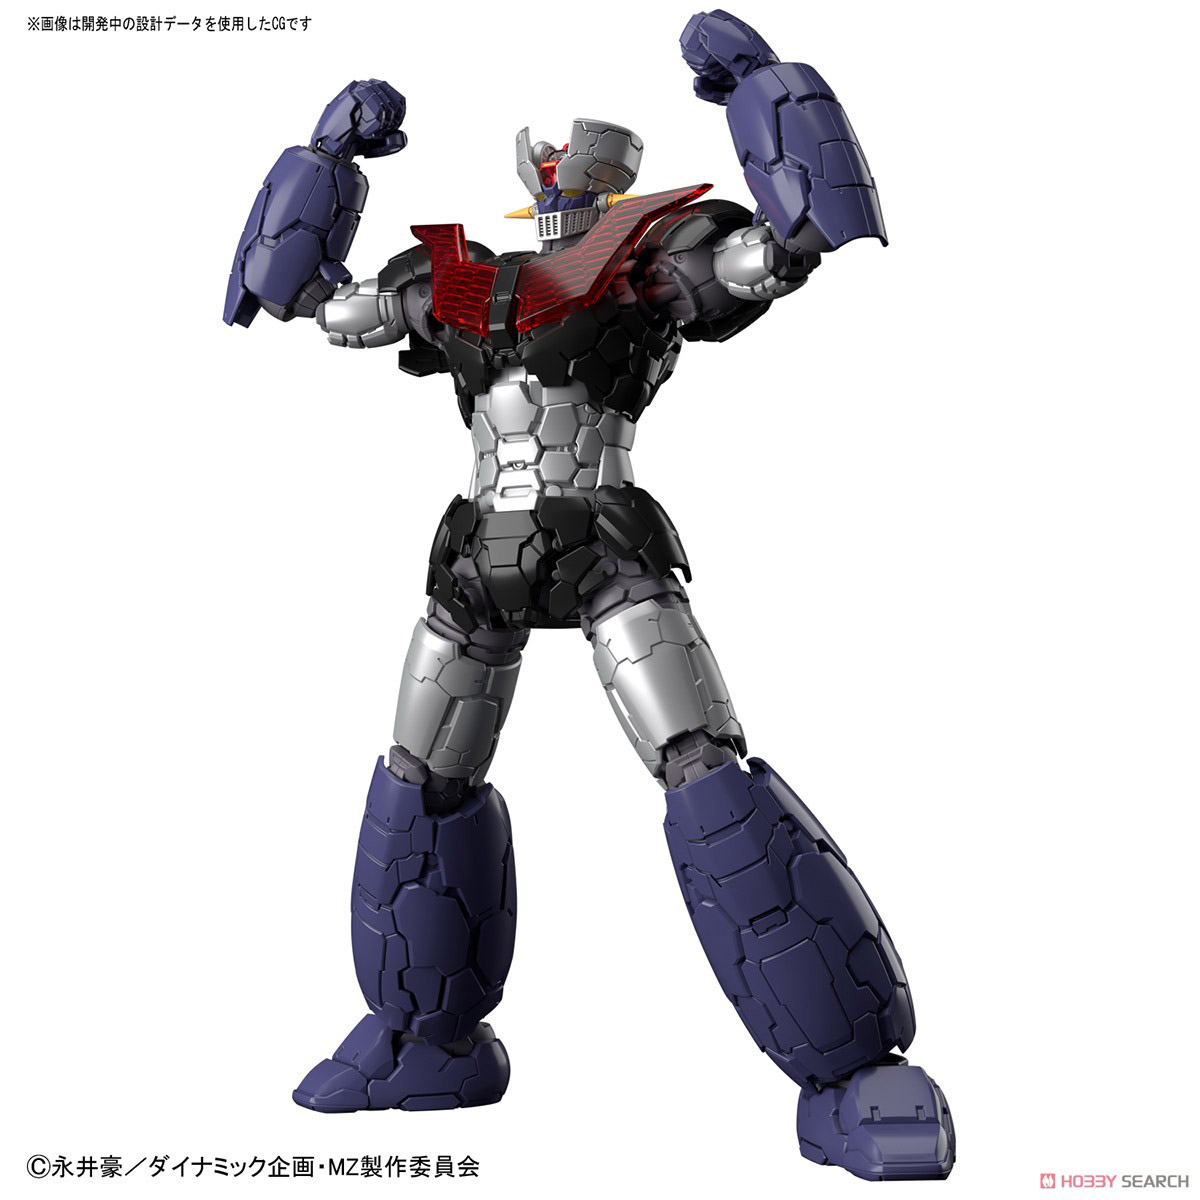 【再販】HG 1/144『マジンガーZ(マジンガーZ INFINITY Ver.)』プラモデル-002